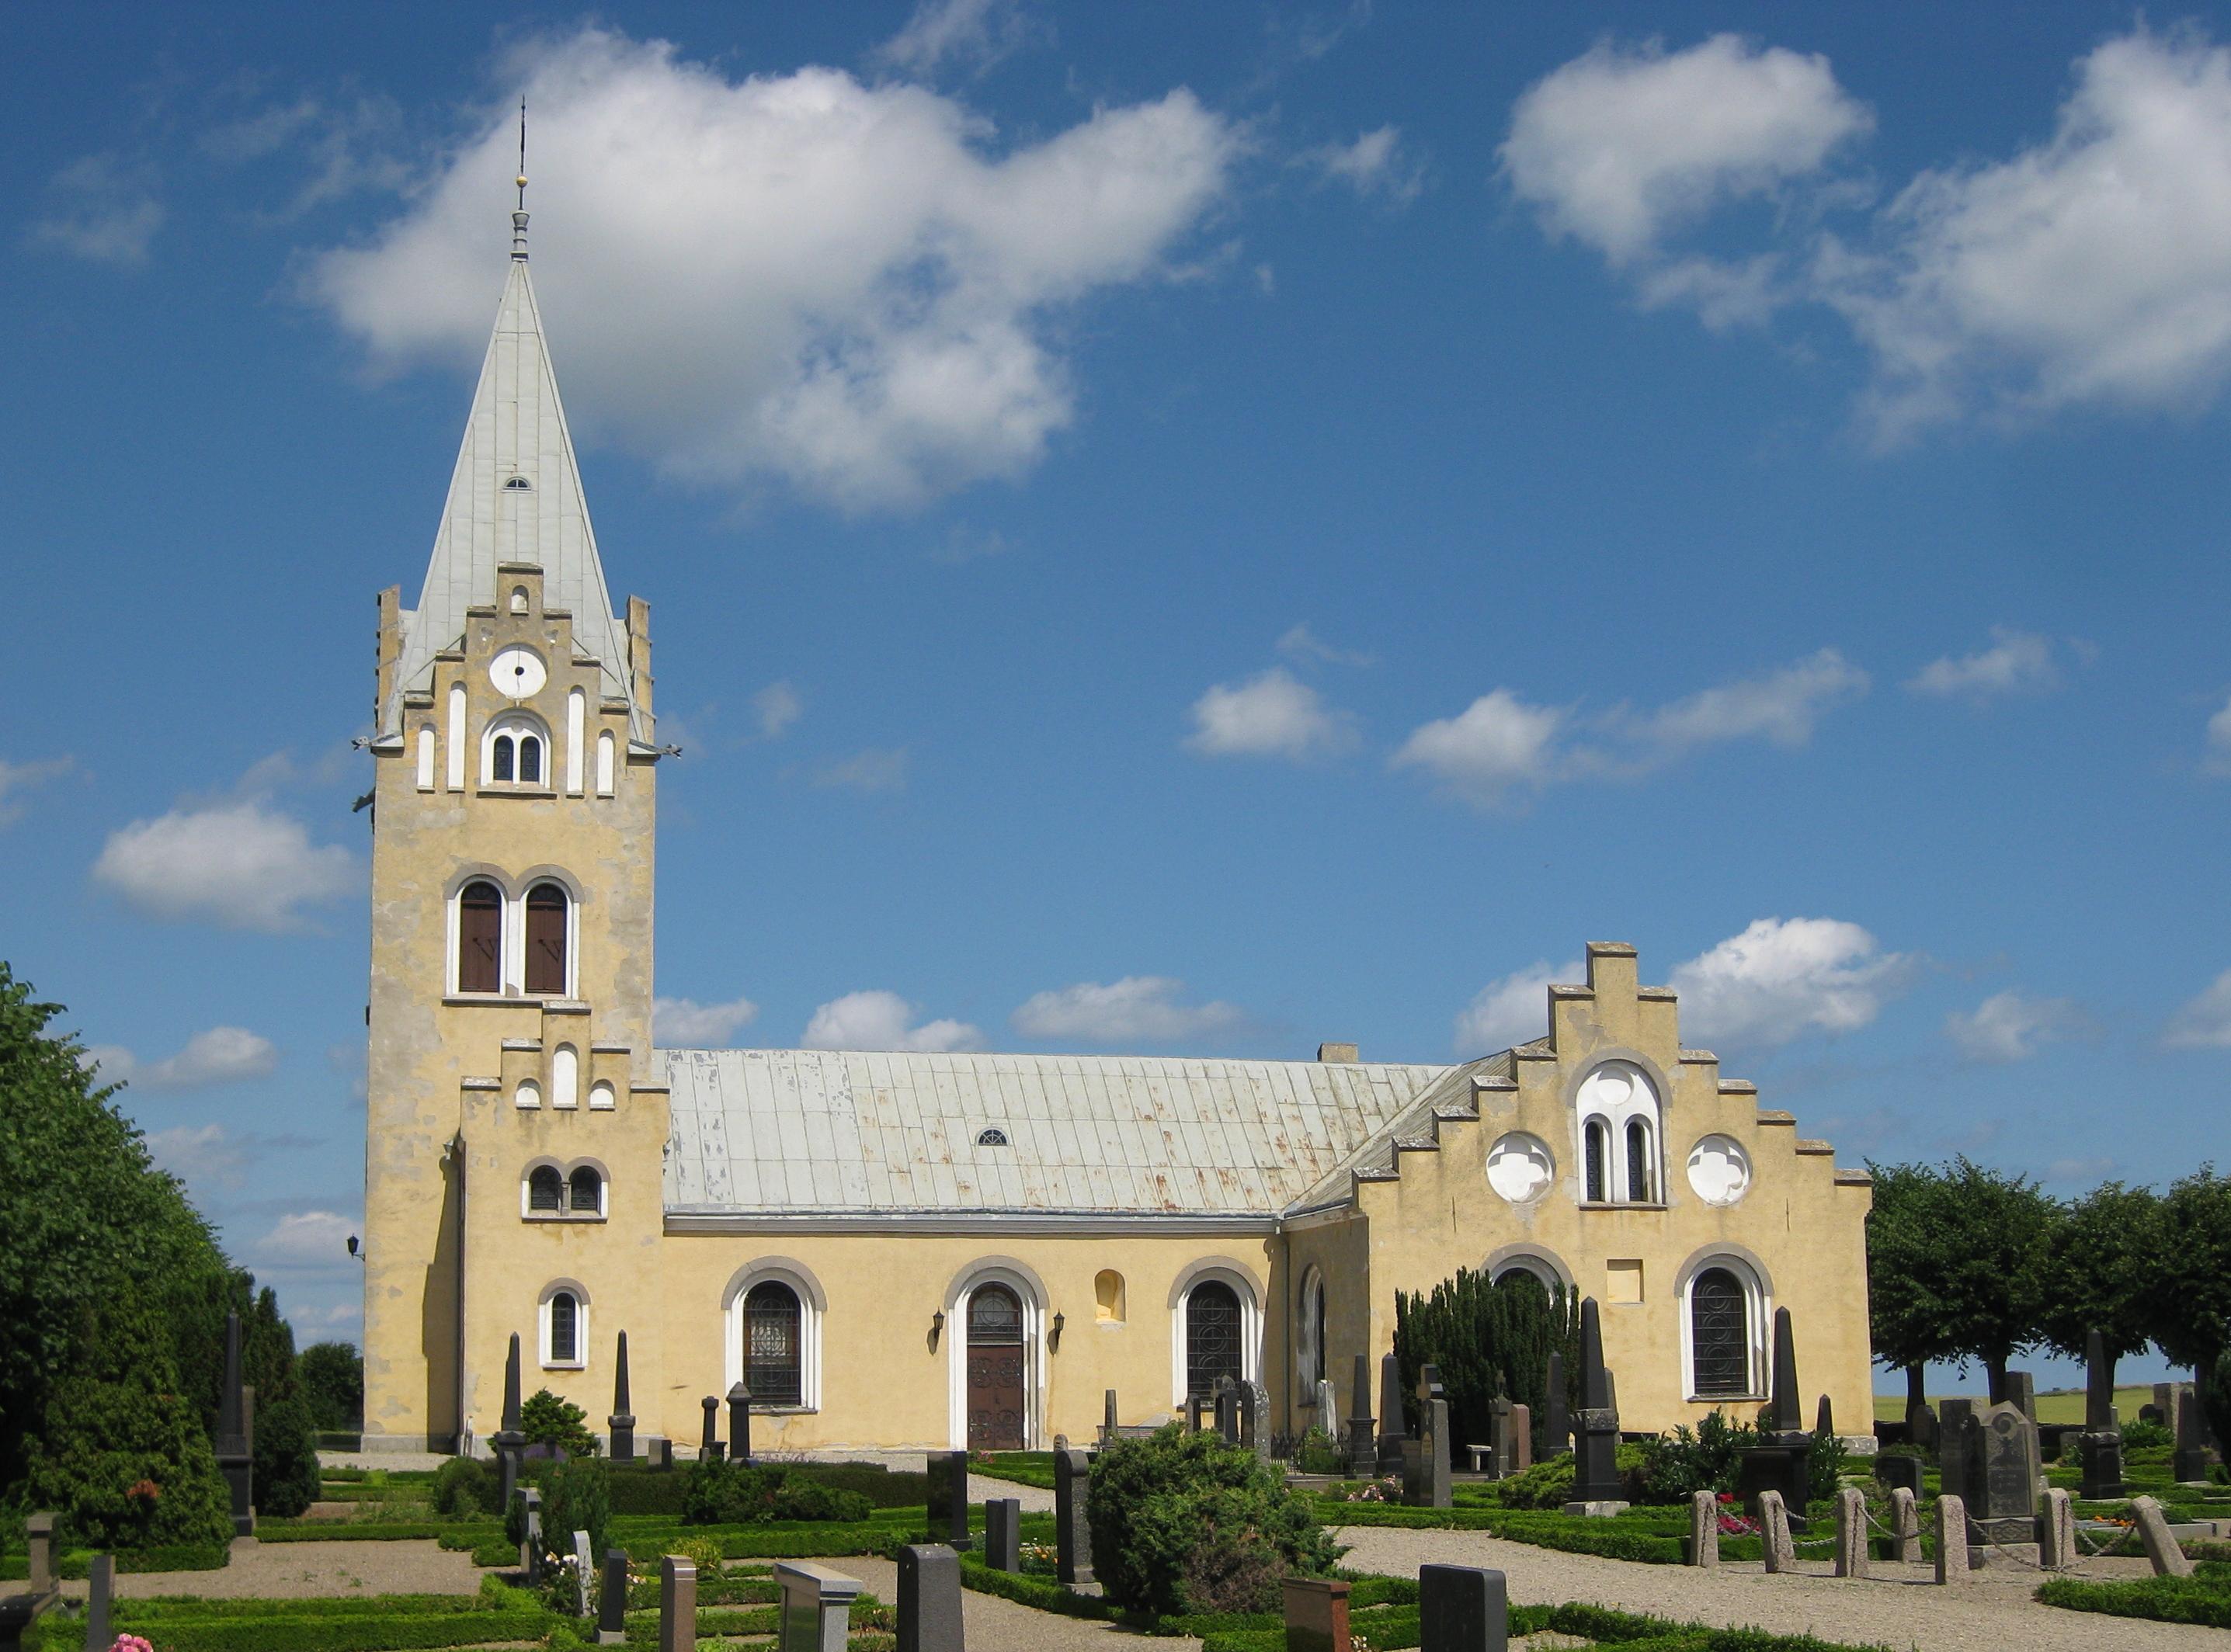 Östra Nöbbelövs kyrka